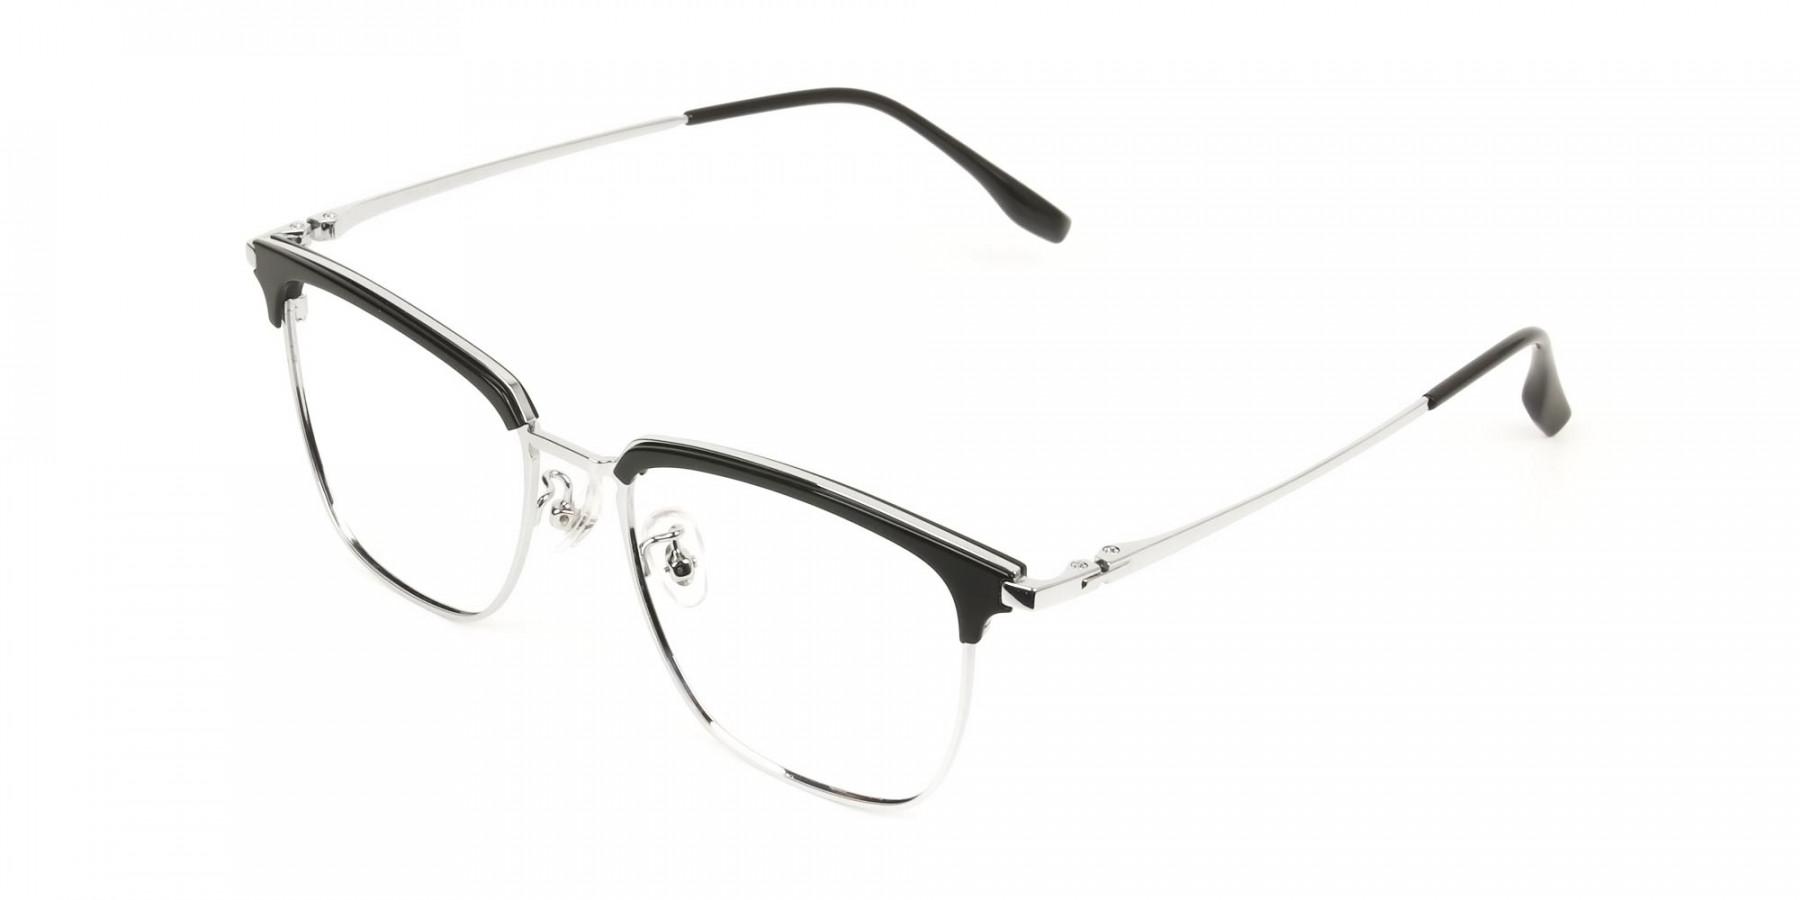 Wayfarer Black & Silver Browline Glasses - 1